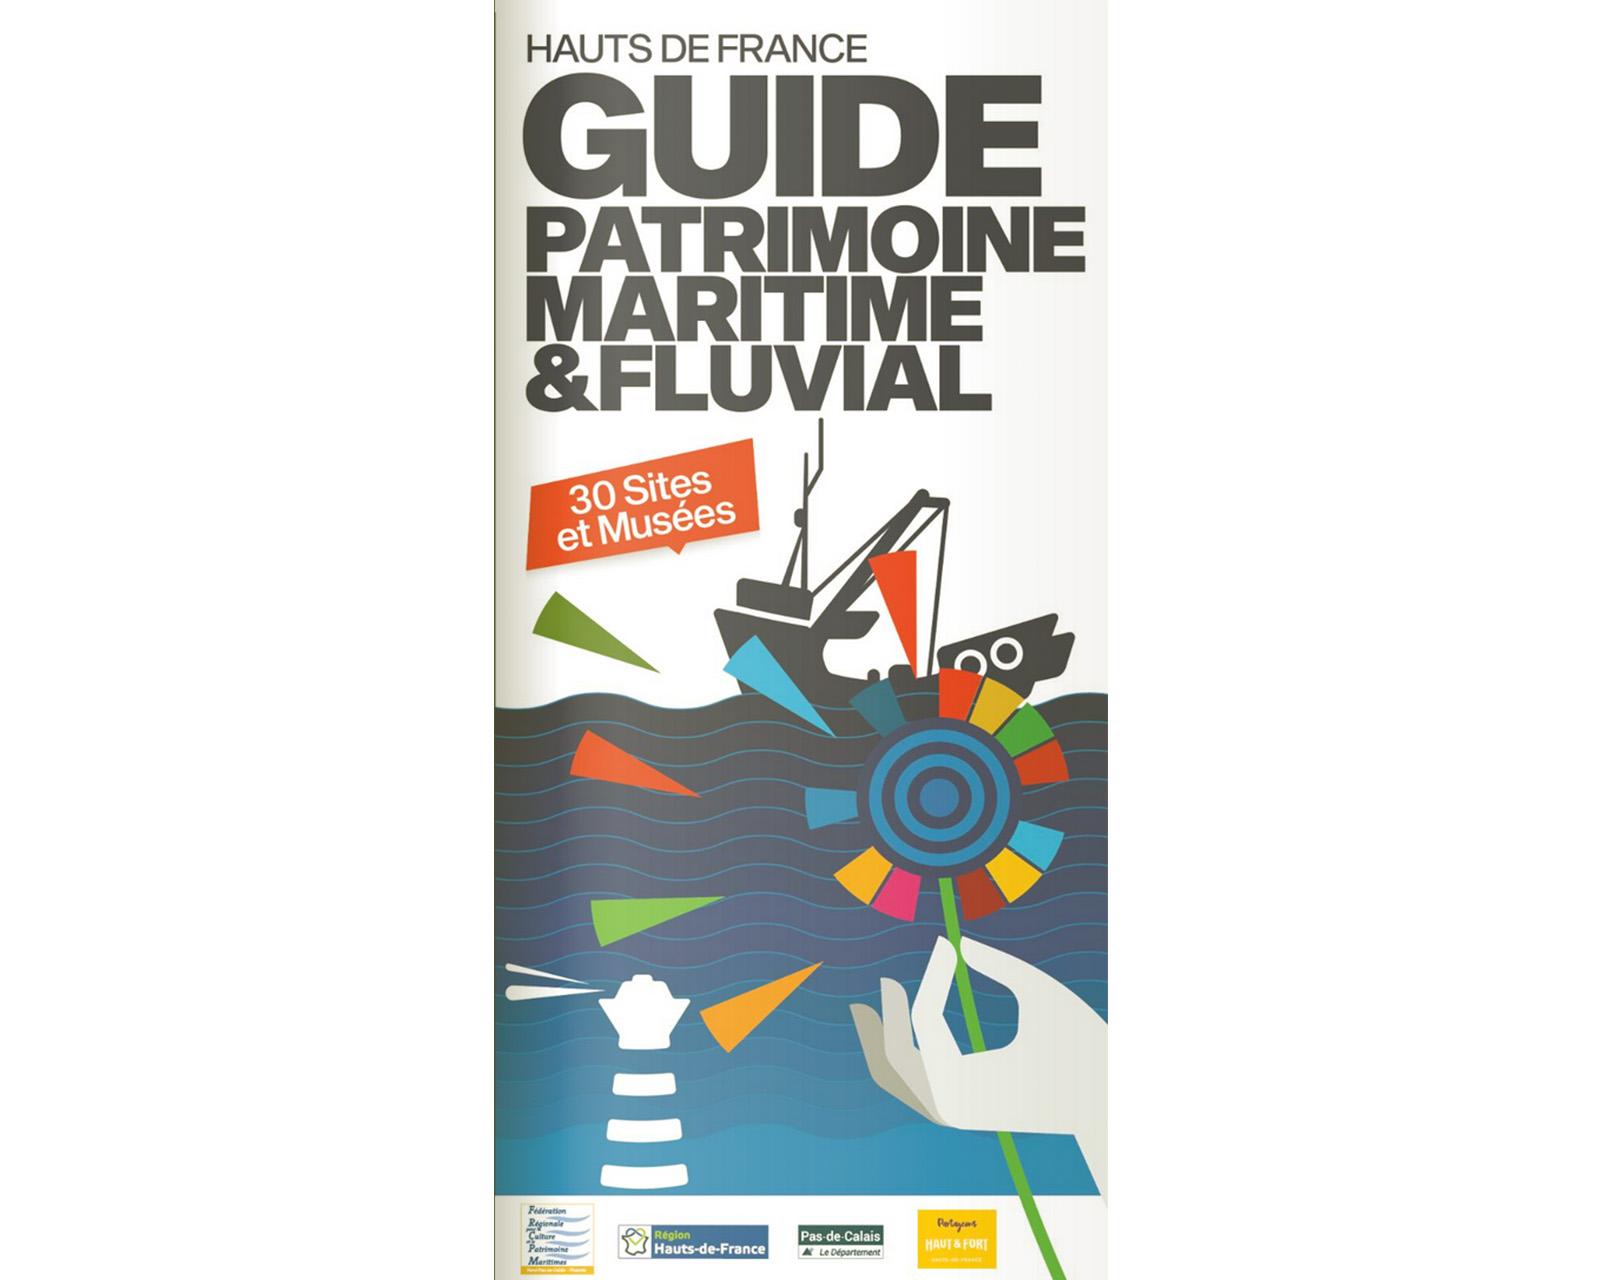 Guide du patrimoine maritime et fluvial Hauts-de-France